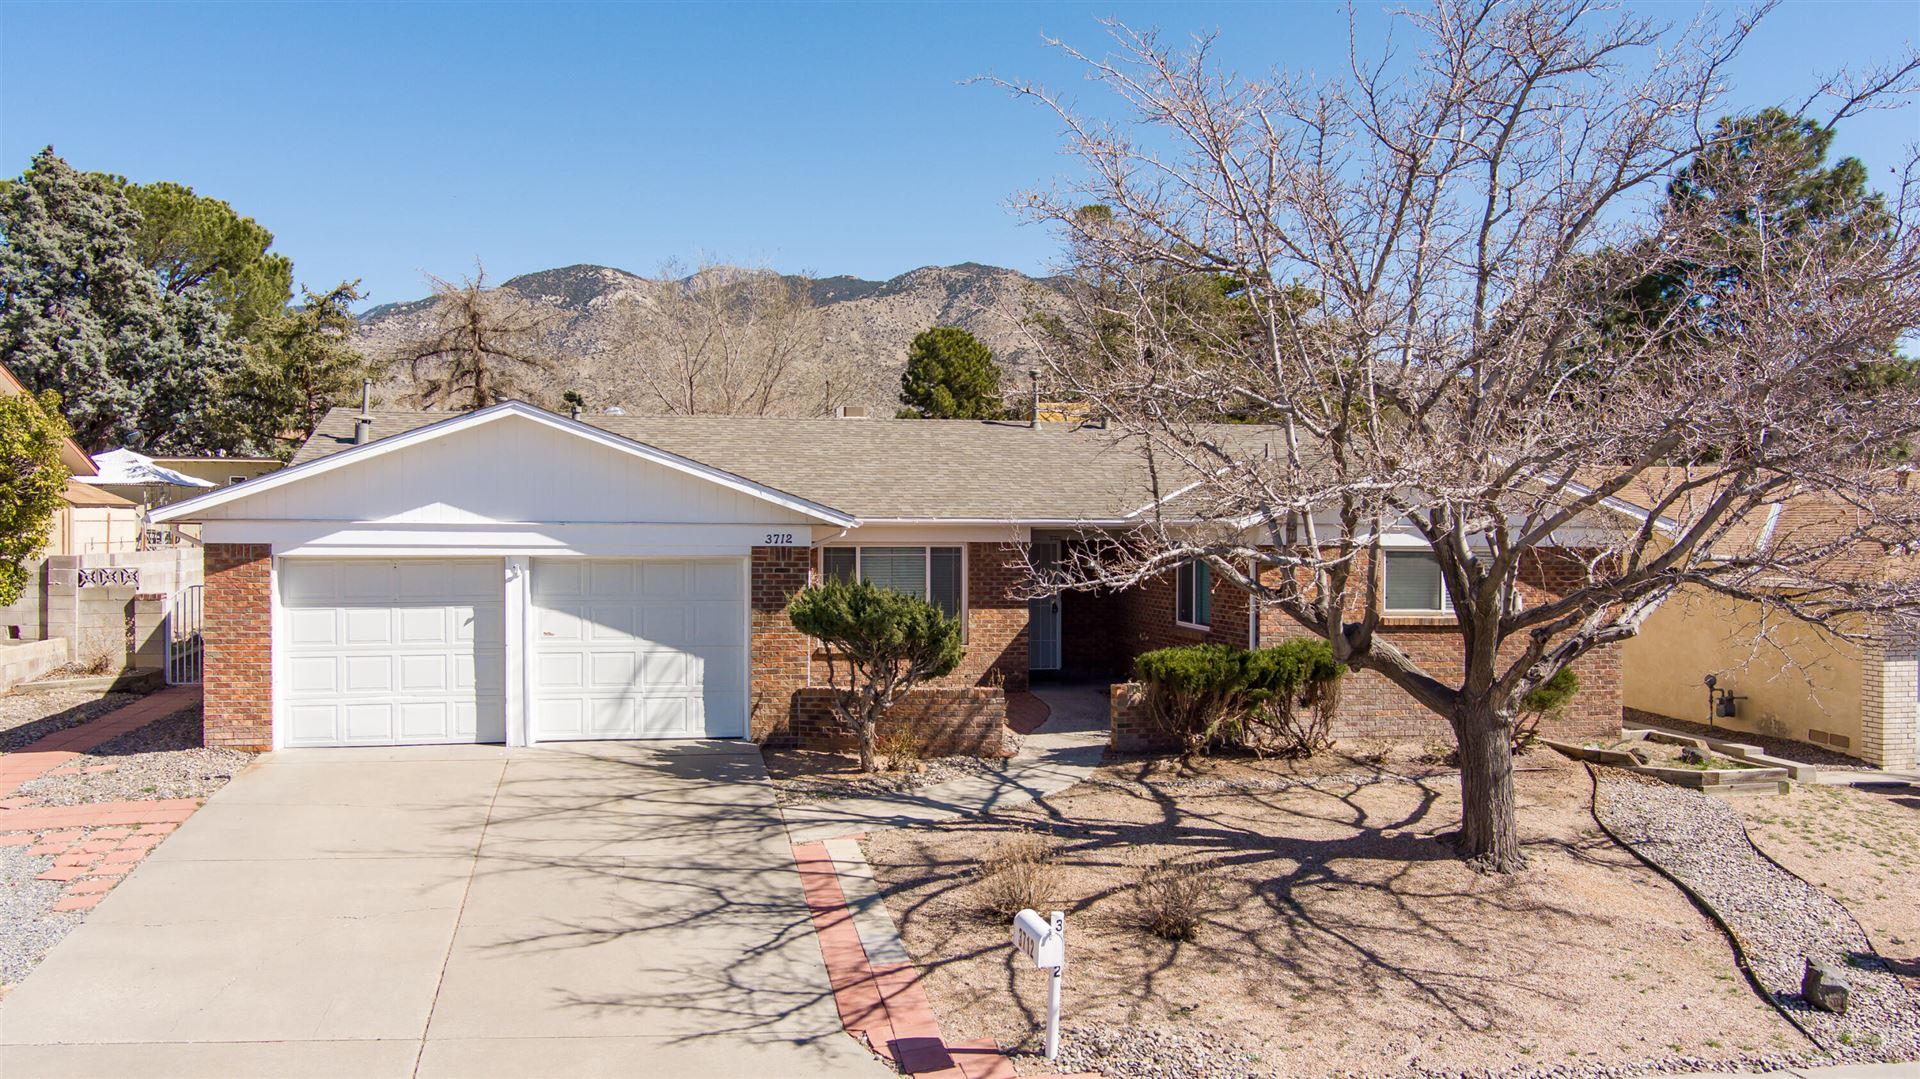 Photo of 3712 Madrid Drive NE, Albuquerque, NM 87111 (MLS # 989796)